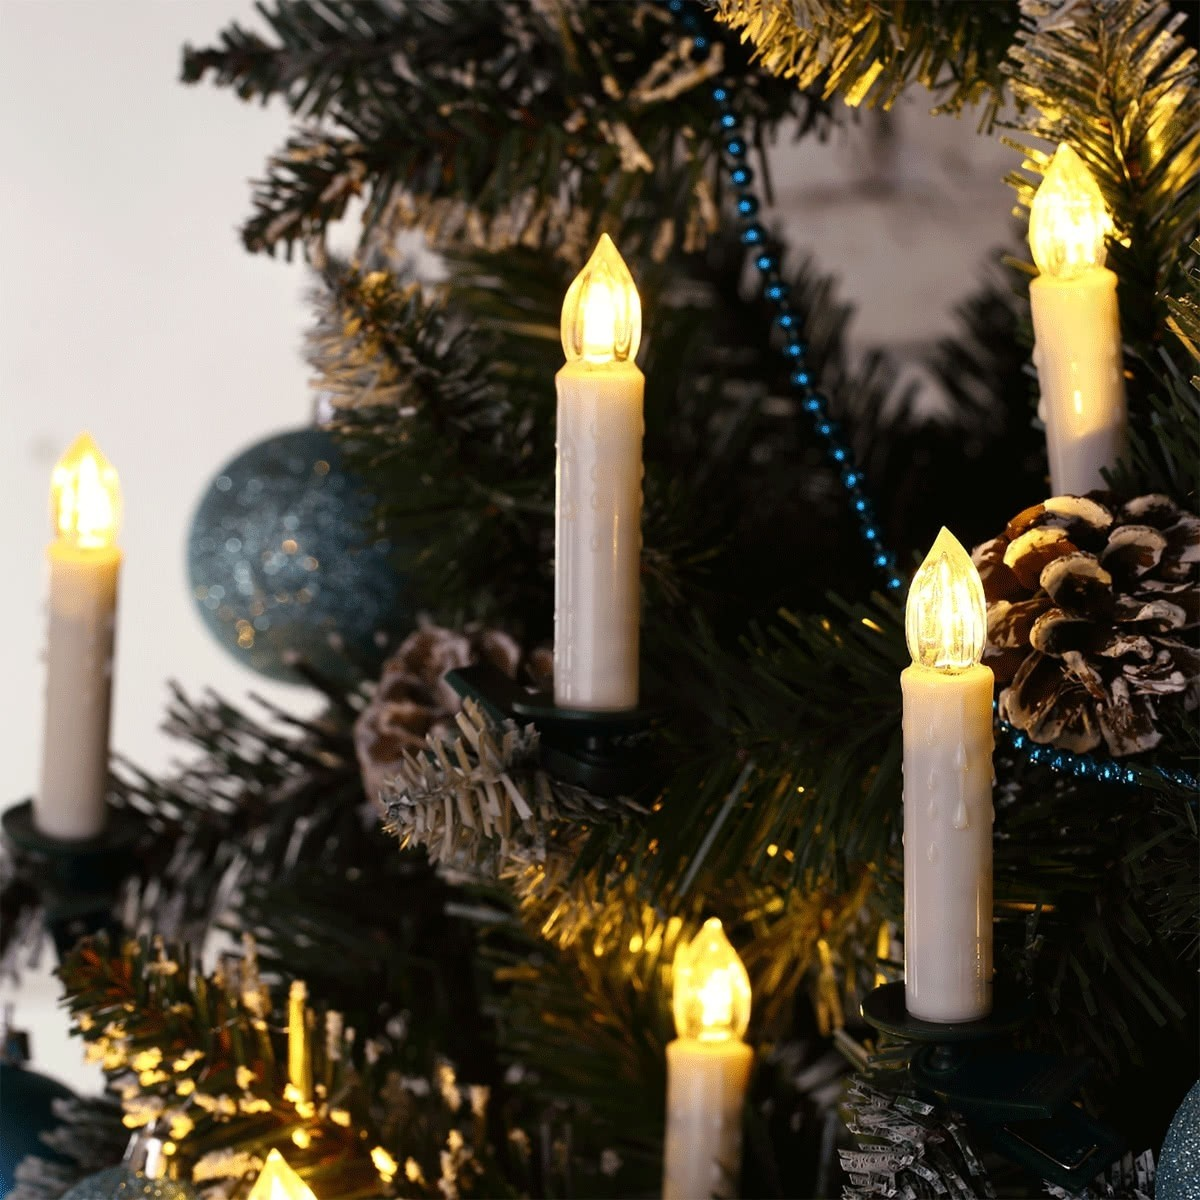 yorbay kabellose led weihnachtskerzen ip44 wasserdicht warmwei dimmbar mit fernbedienung. Black Bedroom Furniture Sets. Home Design Ideas